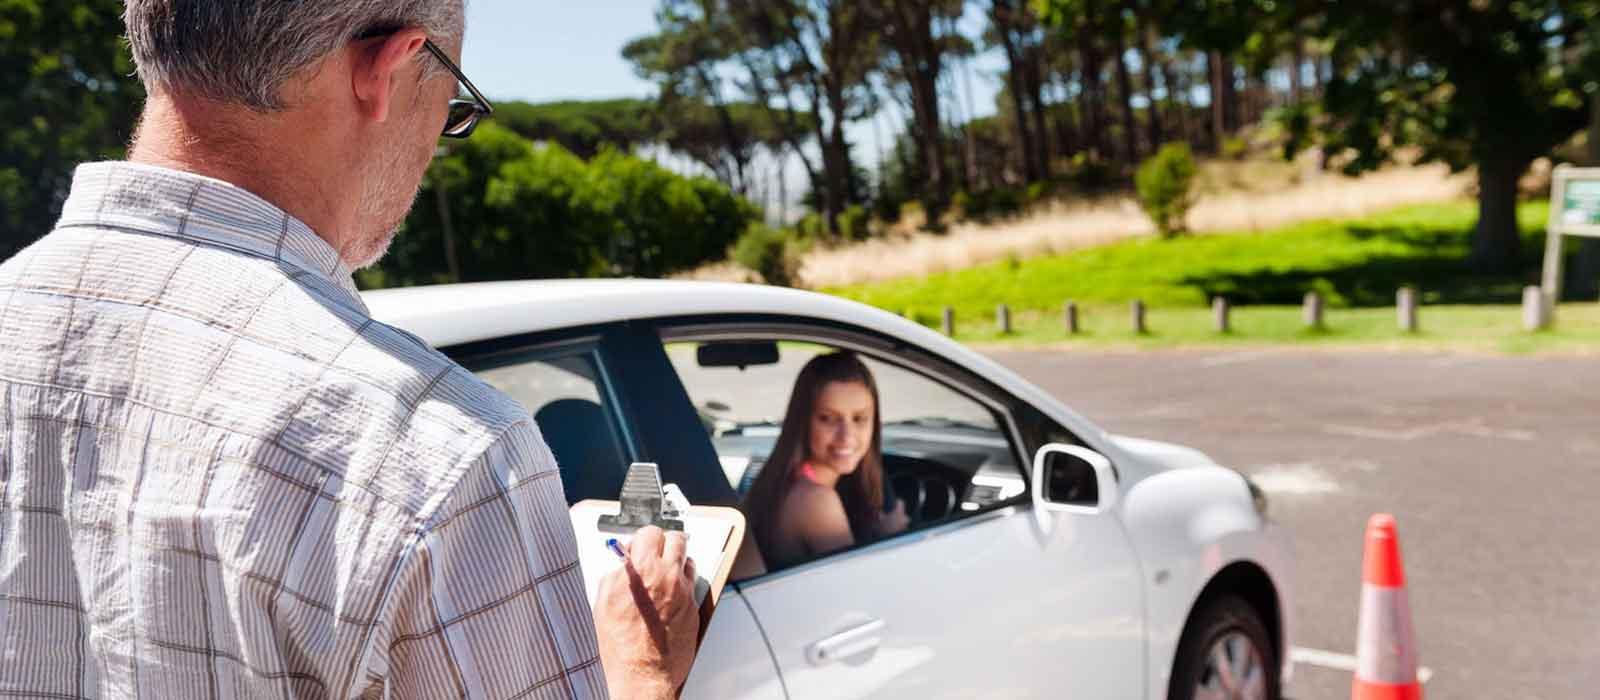 Предоставление автомобиля на экзамены